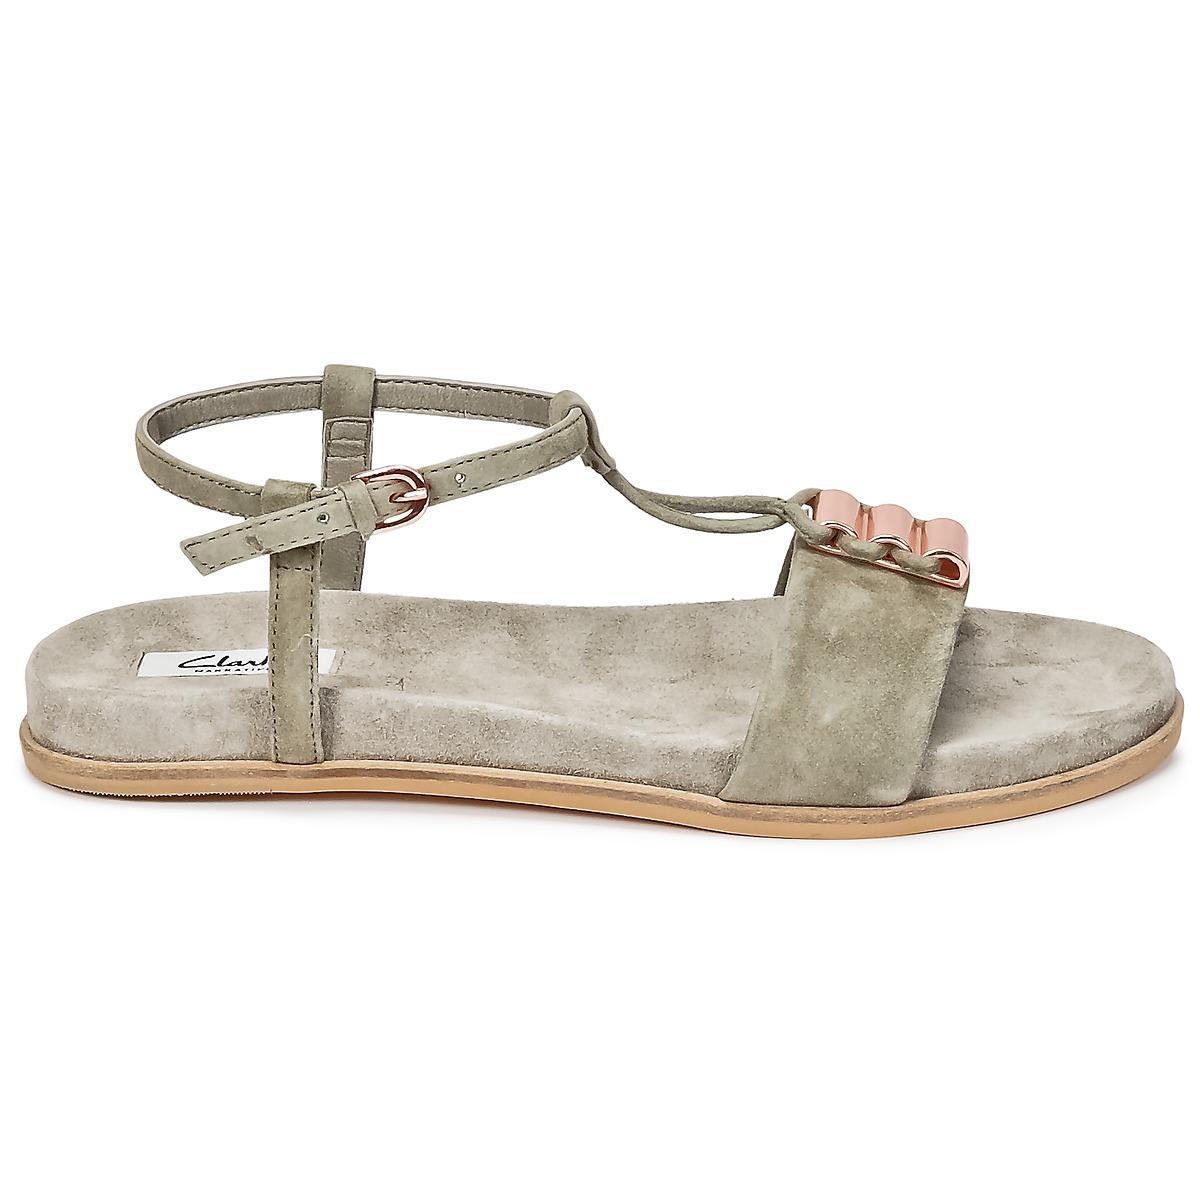 c251ecf97e0 Clarks - Gray Agean Cool Sandals - Lyst. View fullscreen